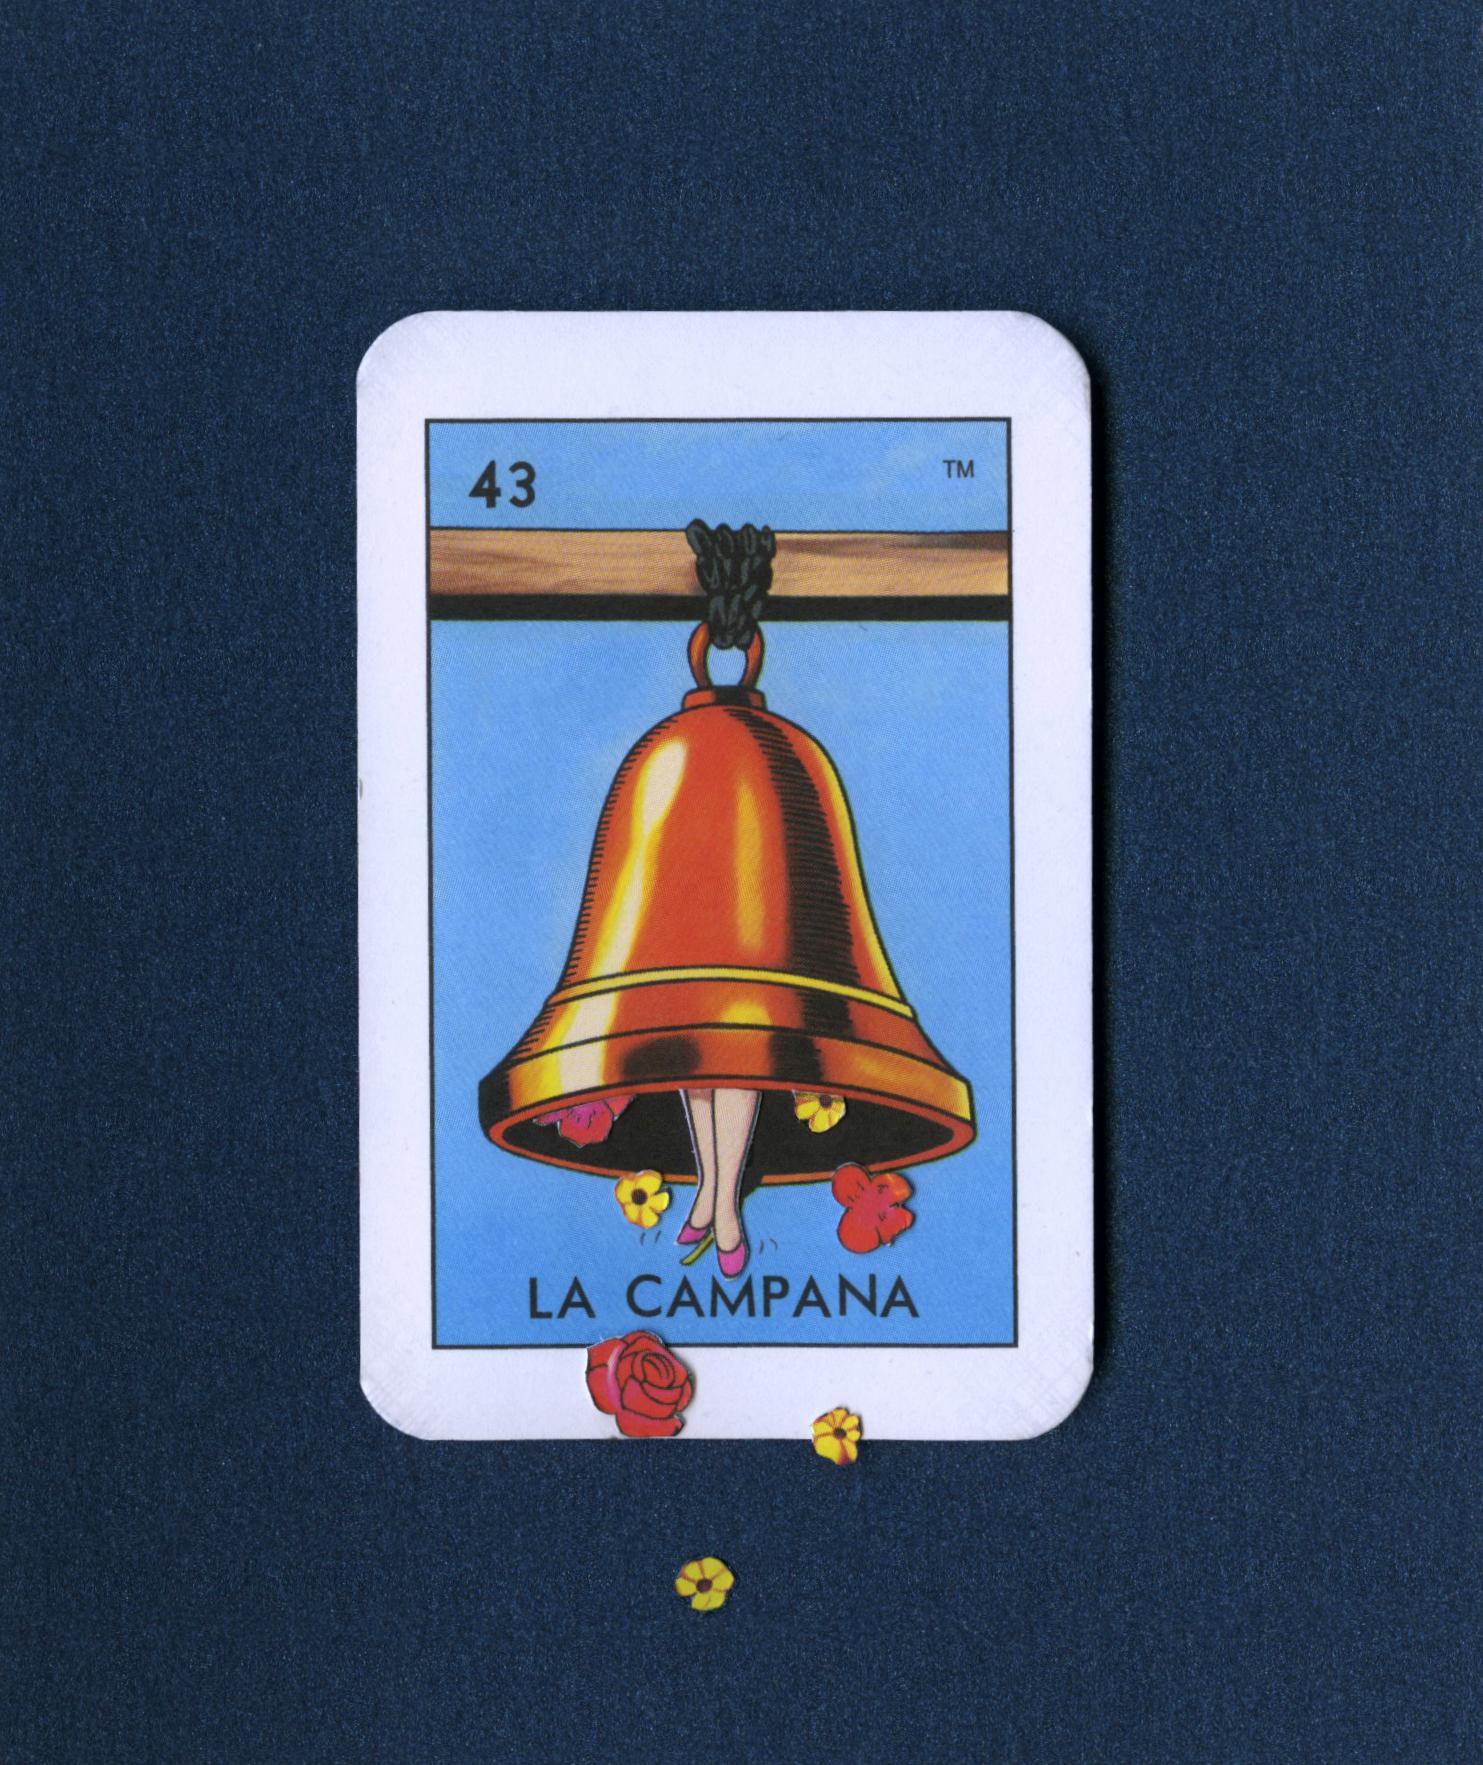 LaCampana.jpg